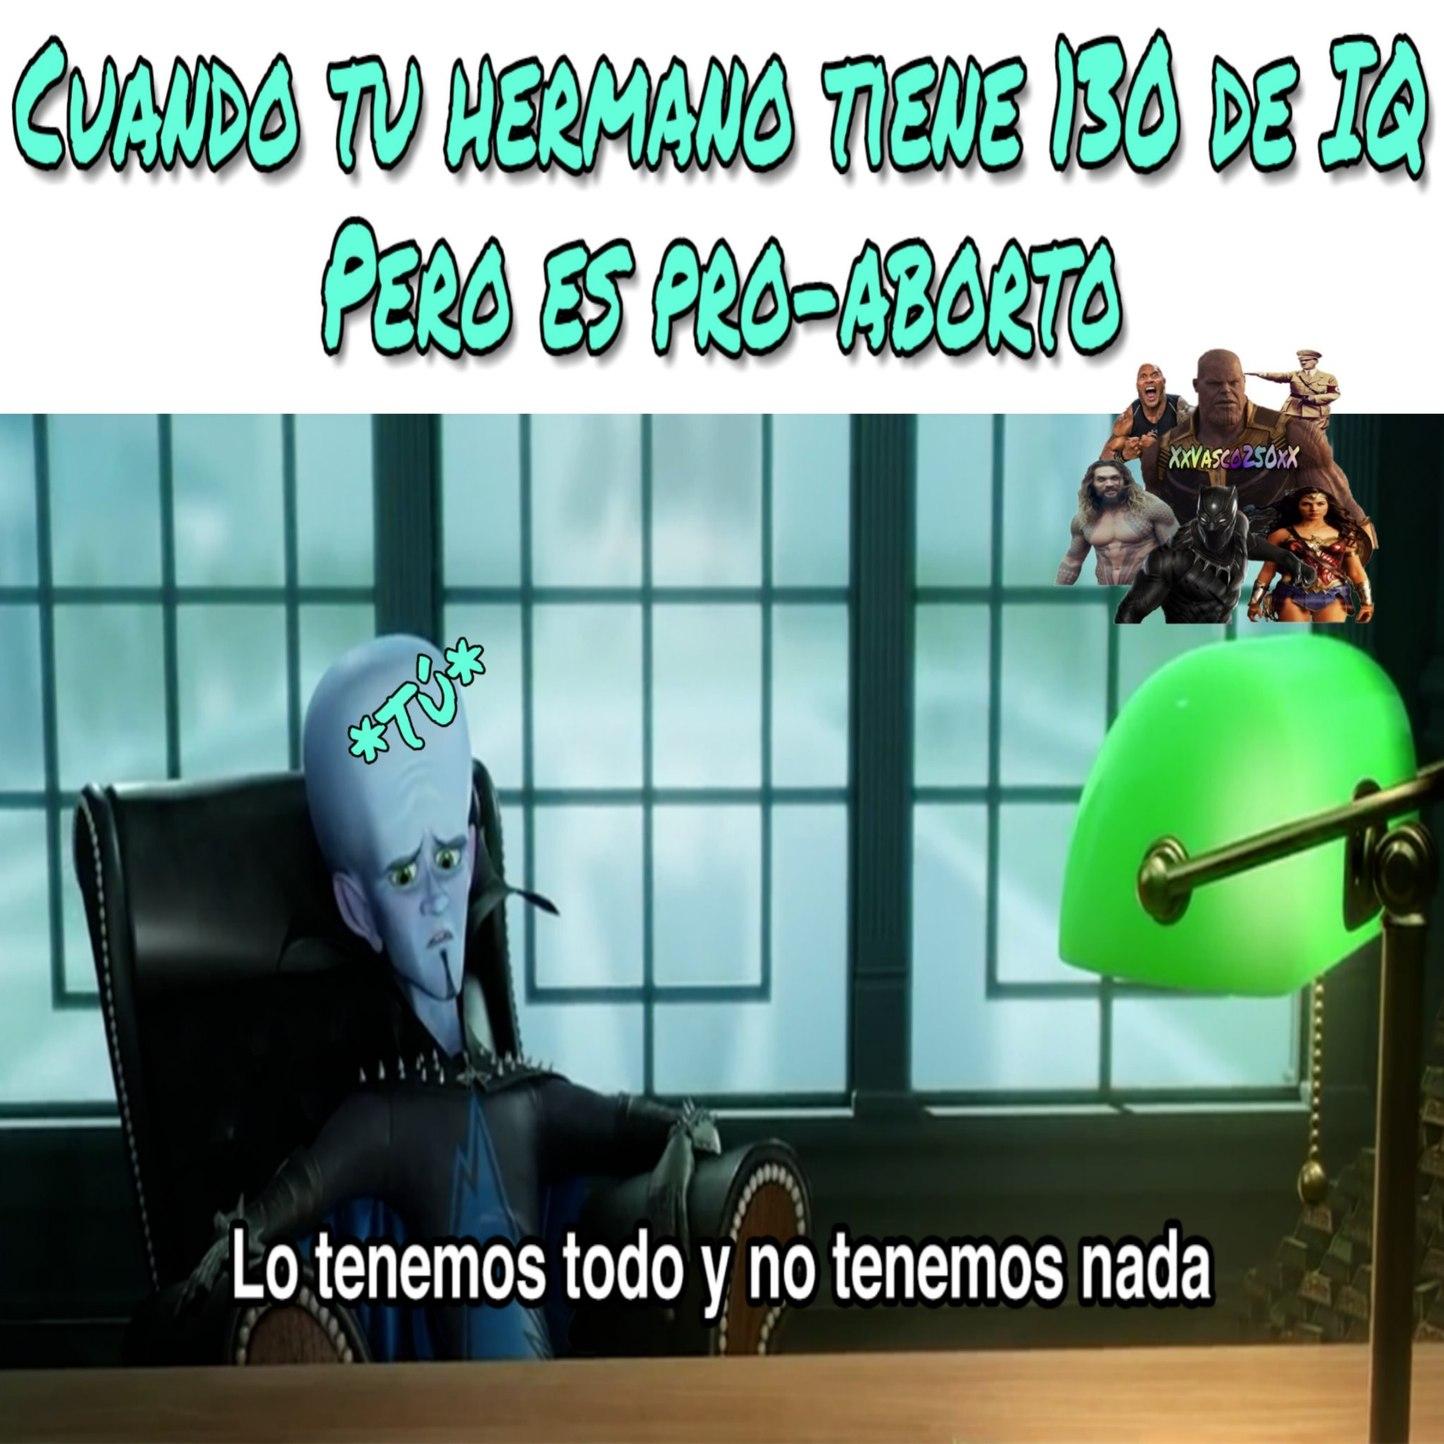 Hermano pelotu2 - meme